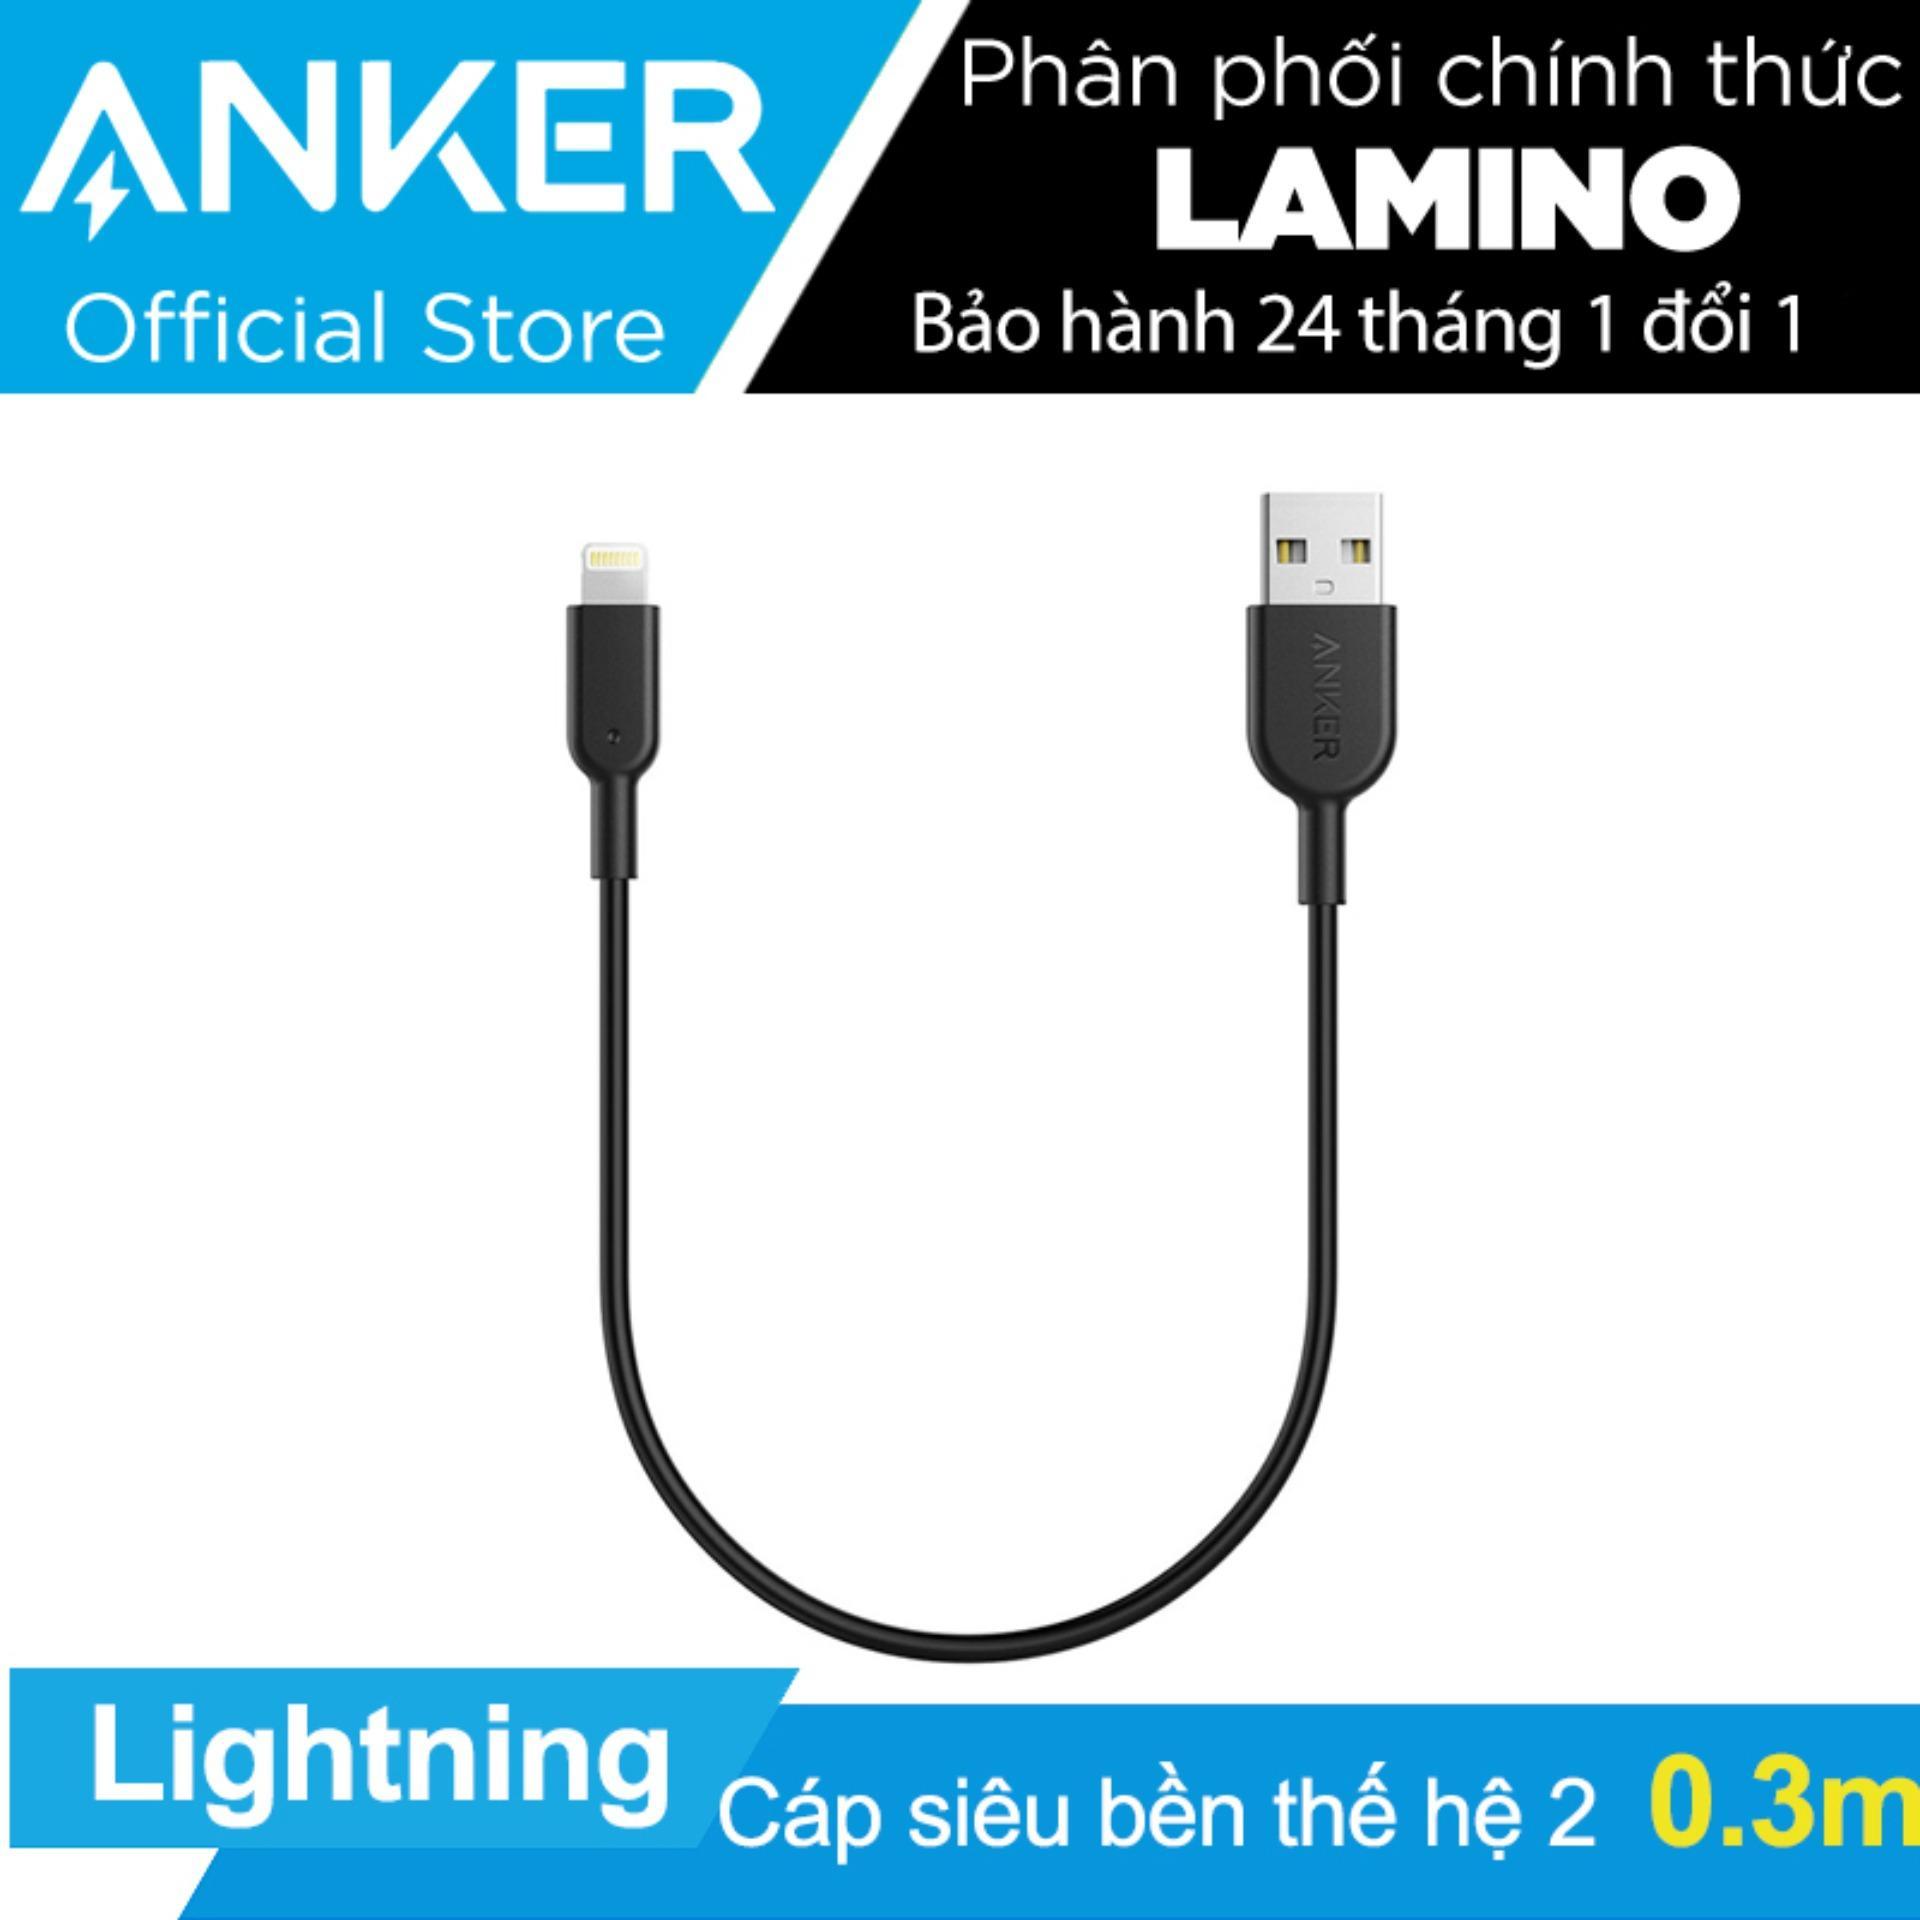 Bán Cap Sieu Bền Thế Hệ 2 Anker Powerline Ii Lightning Dai 3M Cho Iphone Ipad Hang Phan Phối Chinh Thức Rẻ Trong Hồ Chí Minh